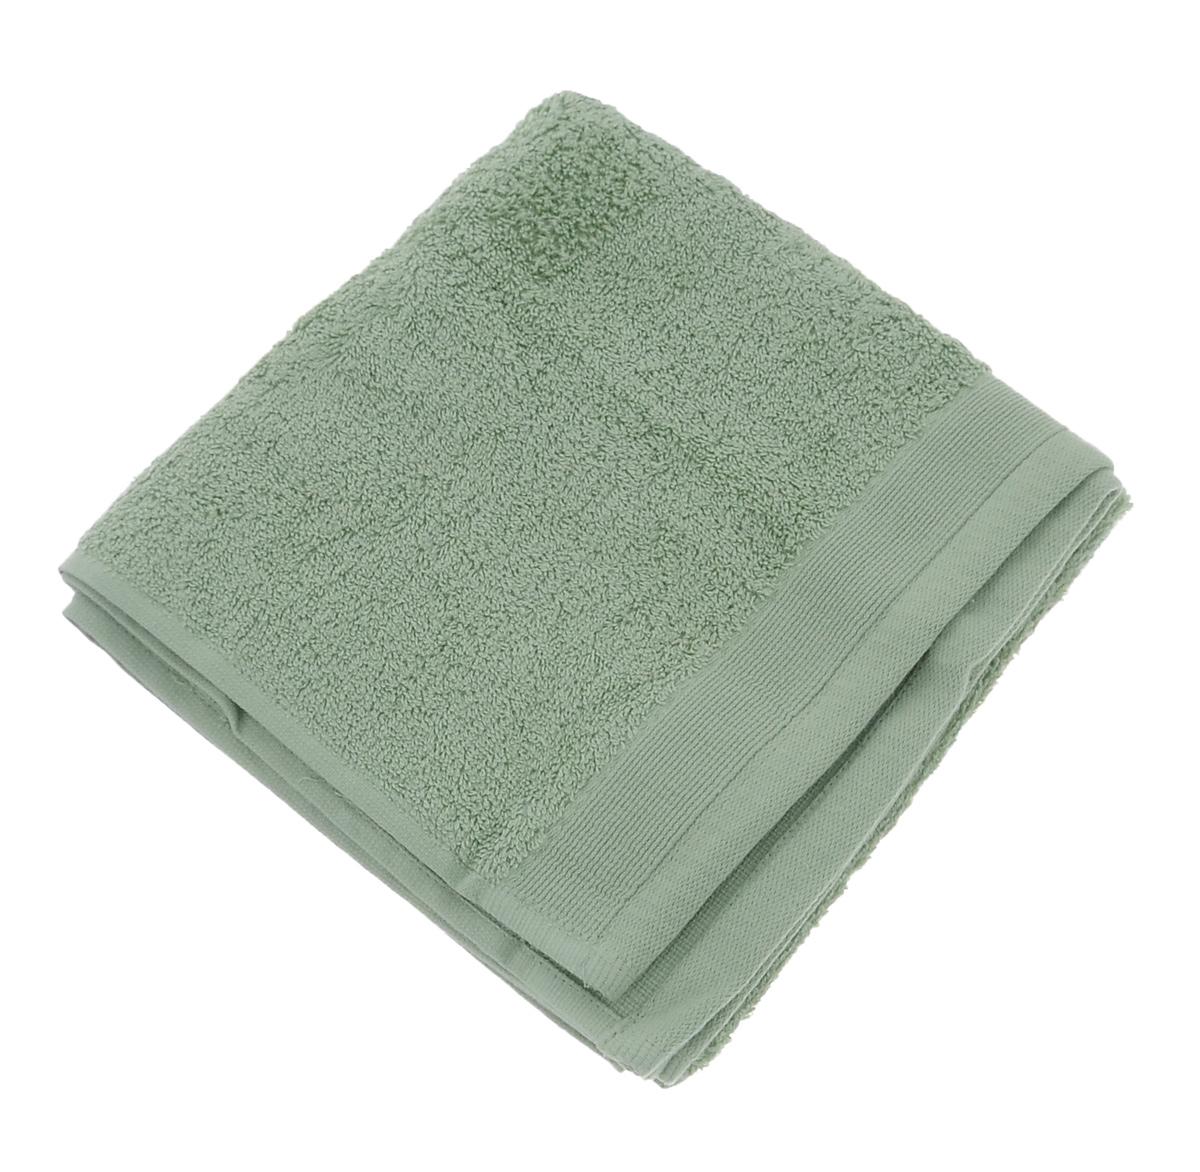 """Полотенце махровое """"Guten Morgen"""", цвет: светло-зеленый, 50 см х 100 см"""